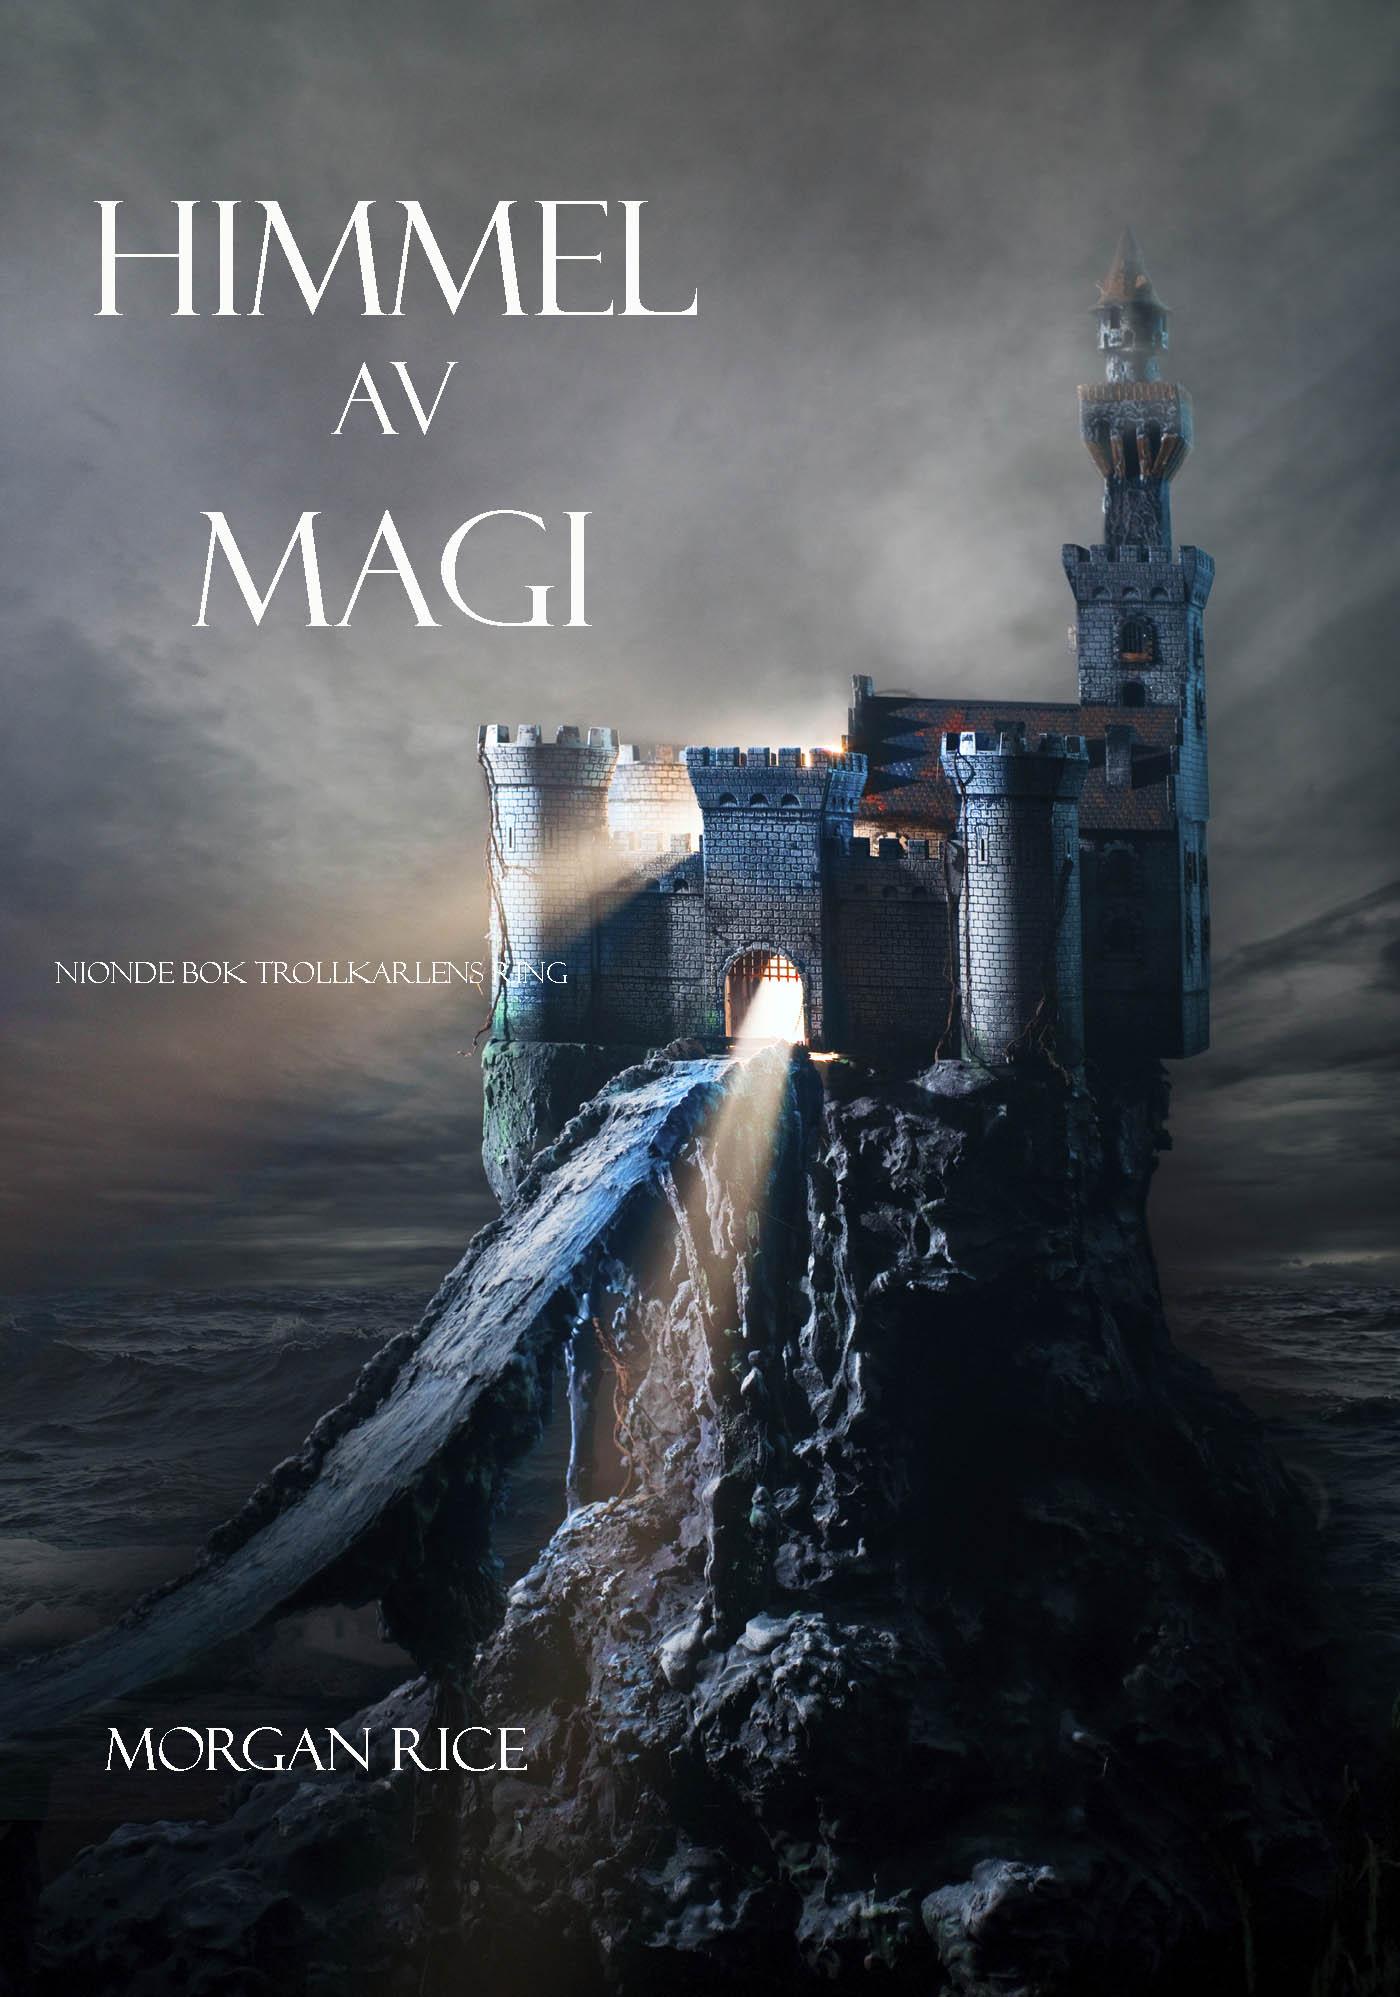 Морган Райс Himmel Av Magi karl ljungstedt eddan om och ur de fornnordiska guda och hjaltesangerna en popular framstalling swedish edition